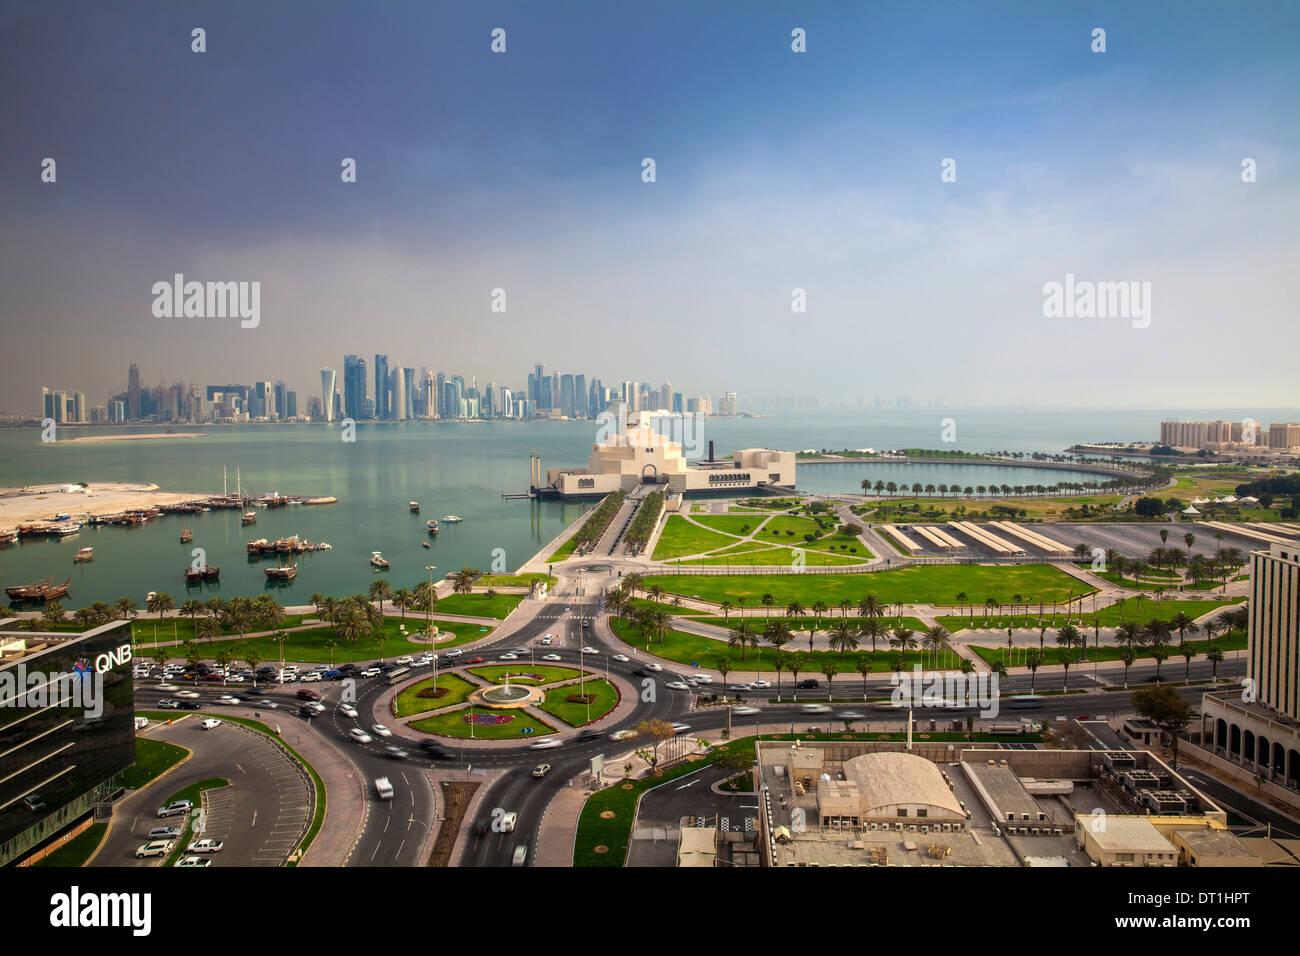 Musée d'Art Islamique, Doha, Qatar, Moyen-Orient Photo Stock